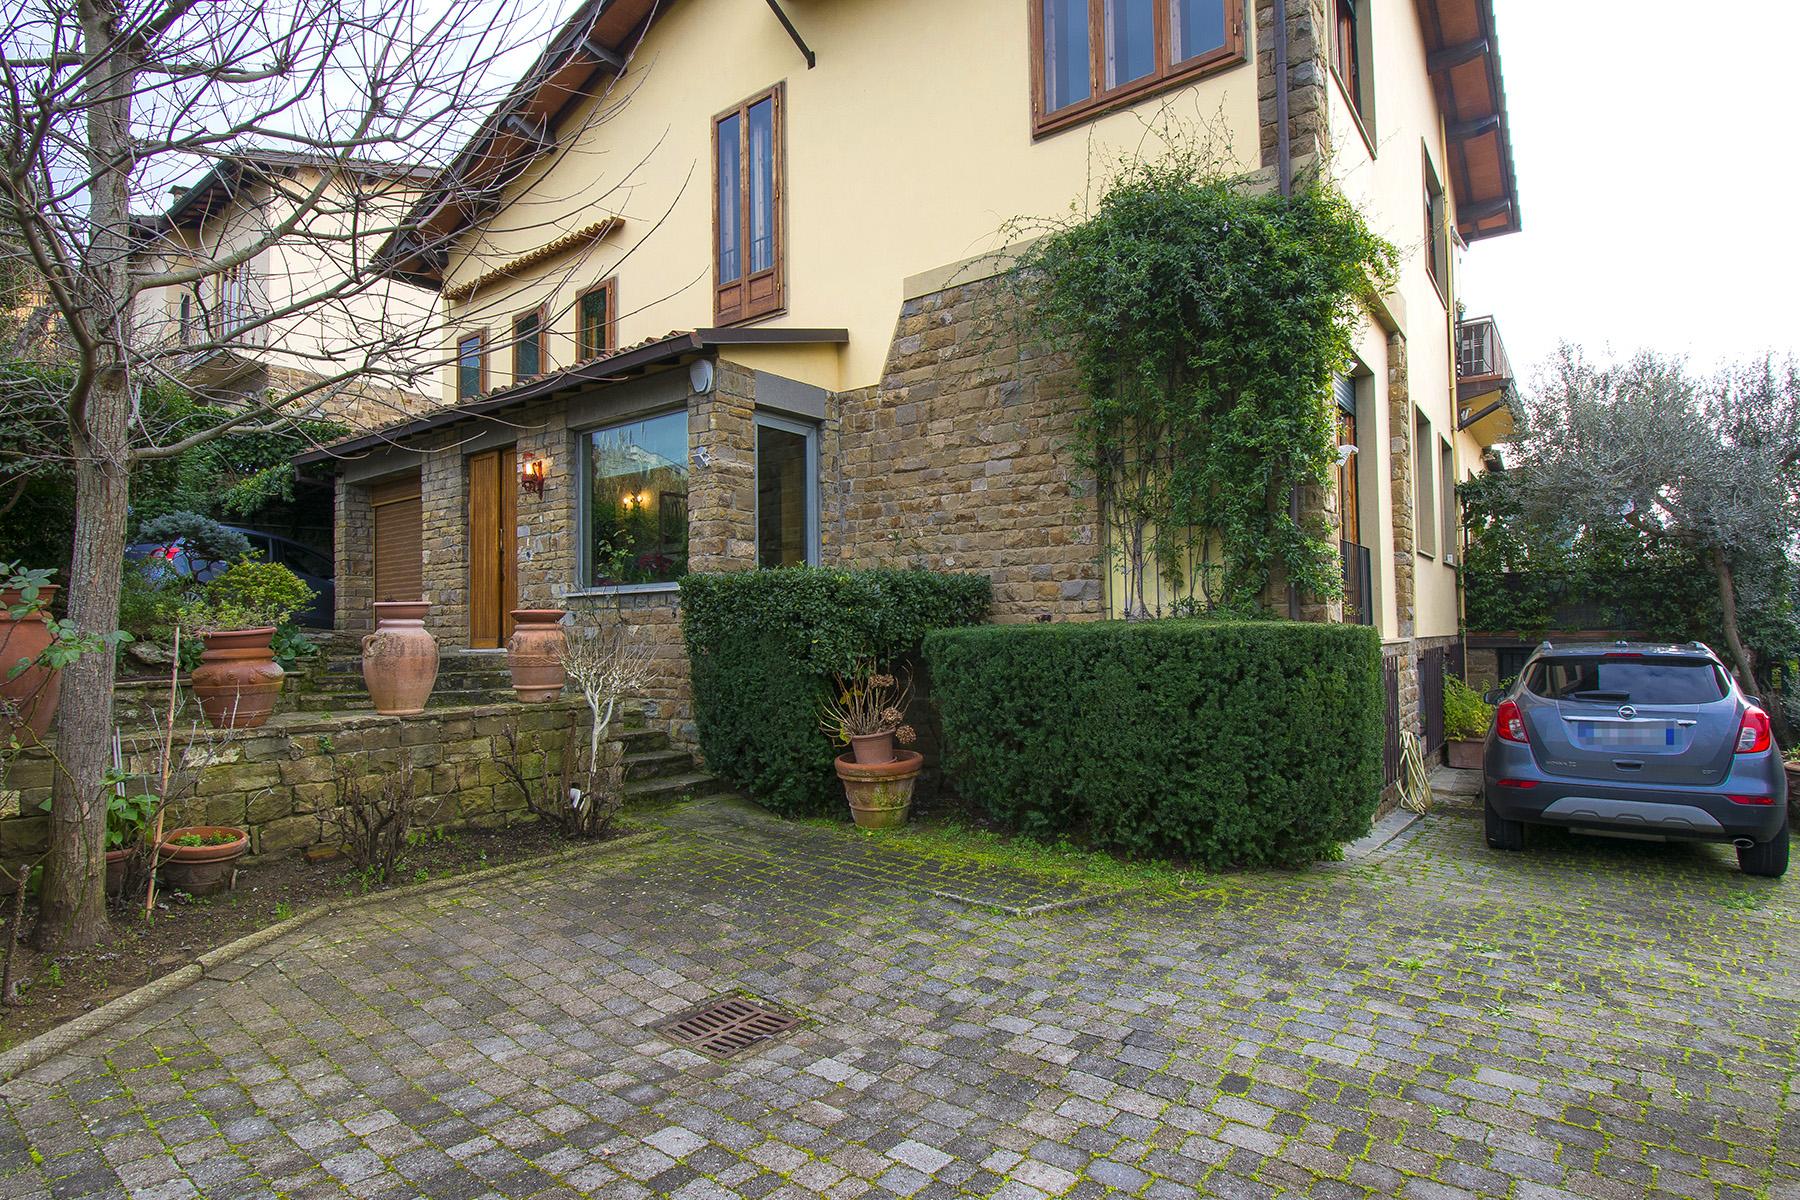 Villa in Vendita a Firenze: 5 locali, 364 mq - Foto 26